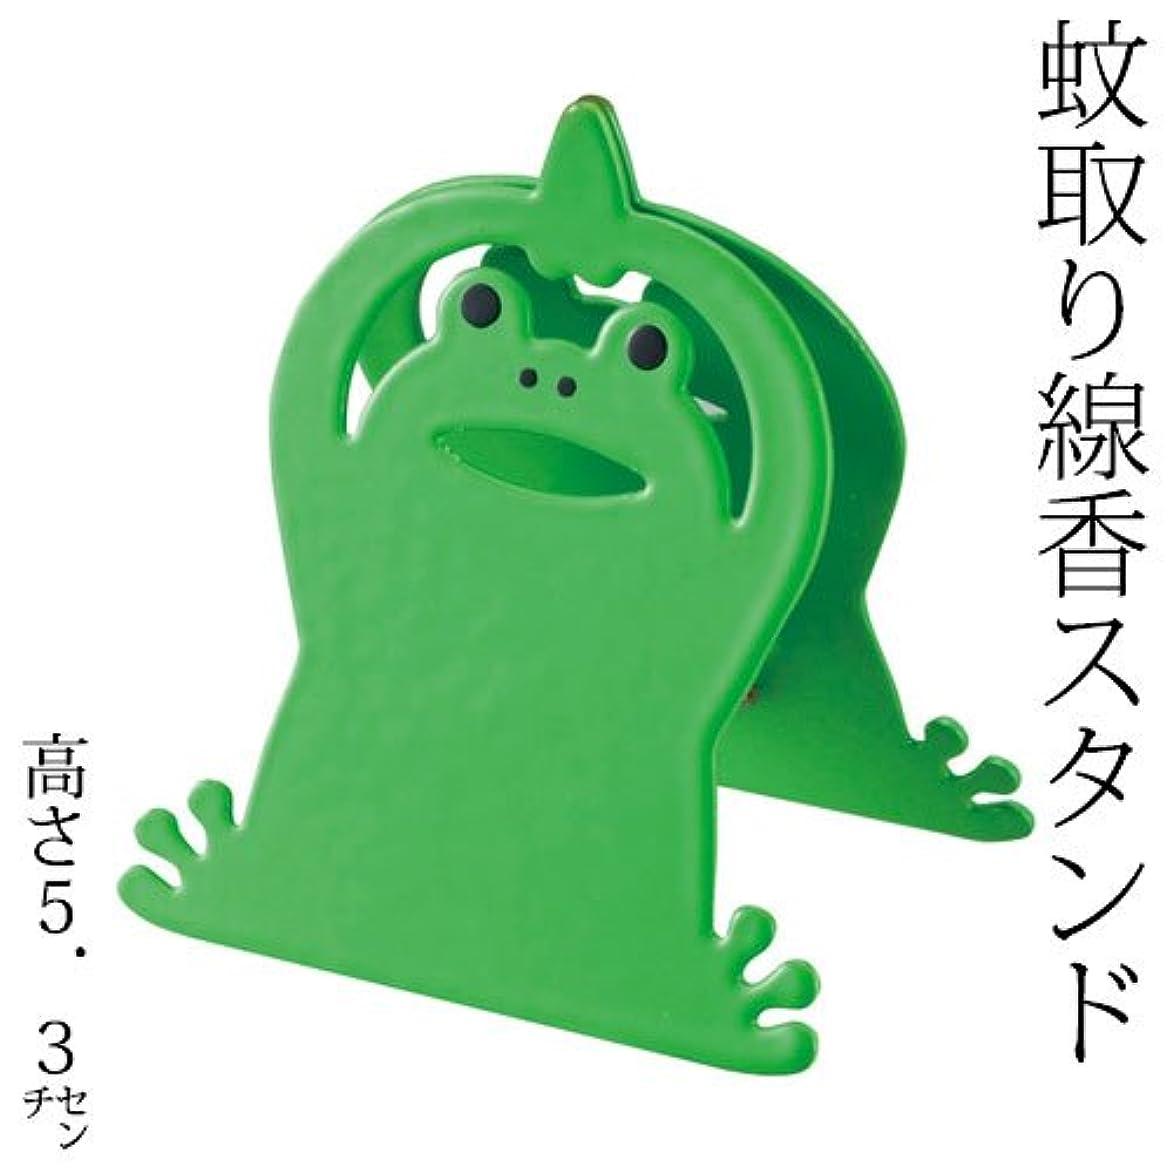 主婦罪失望させるDECOLE蚊取り線香クリップスタンドカエル (SK-13937)Mosquito coil clip stand